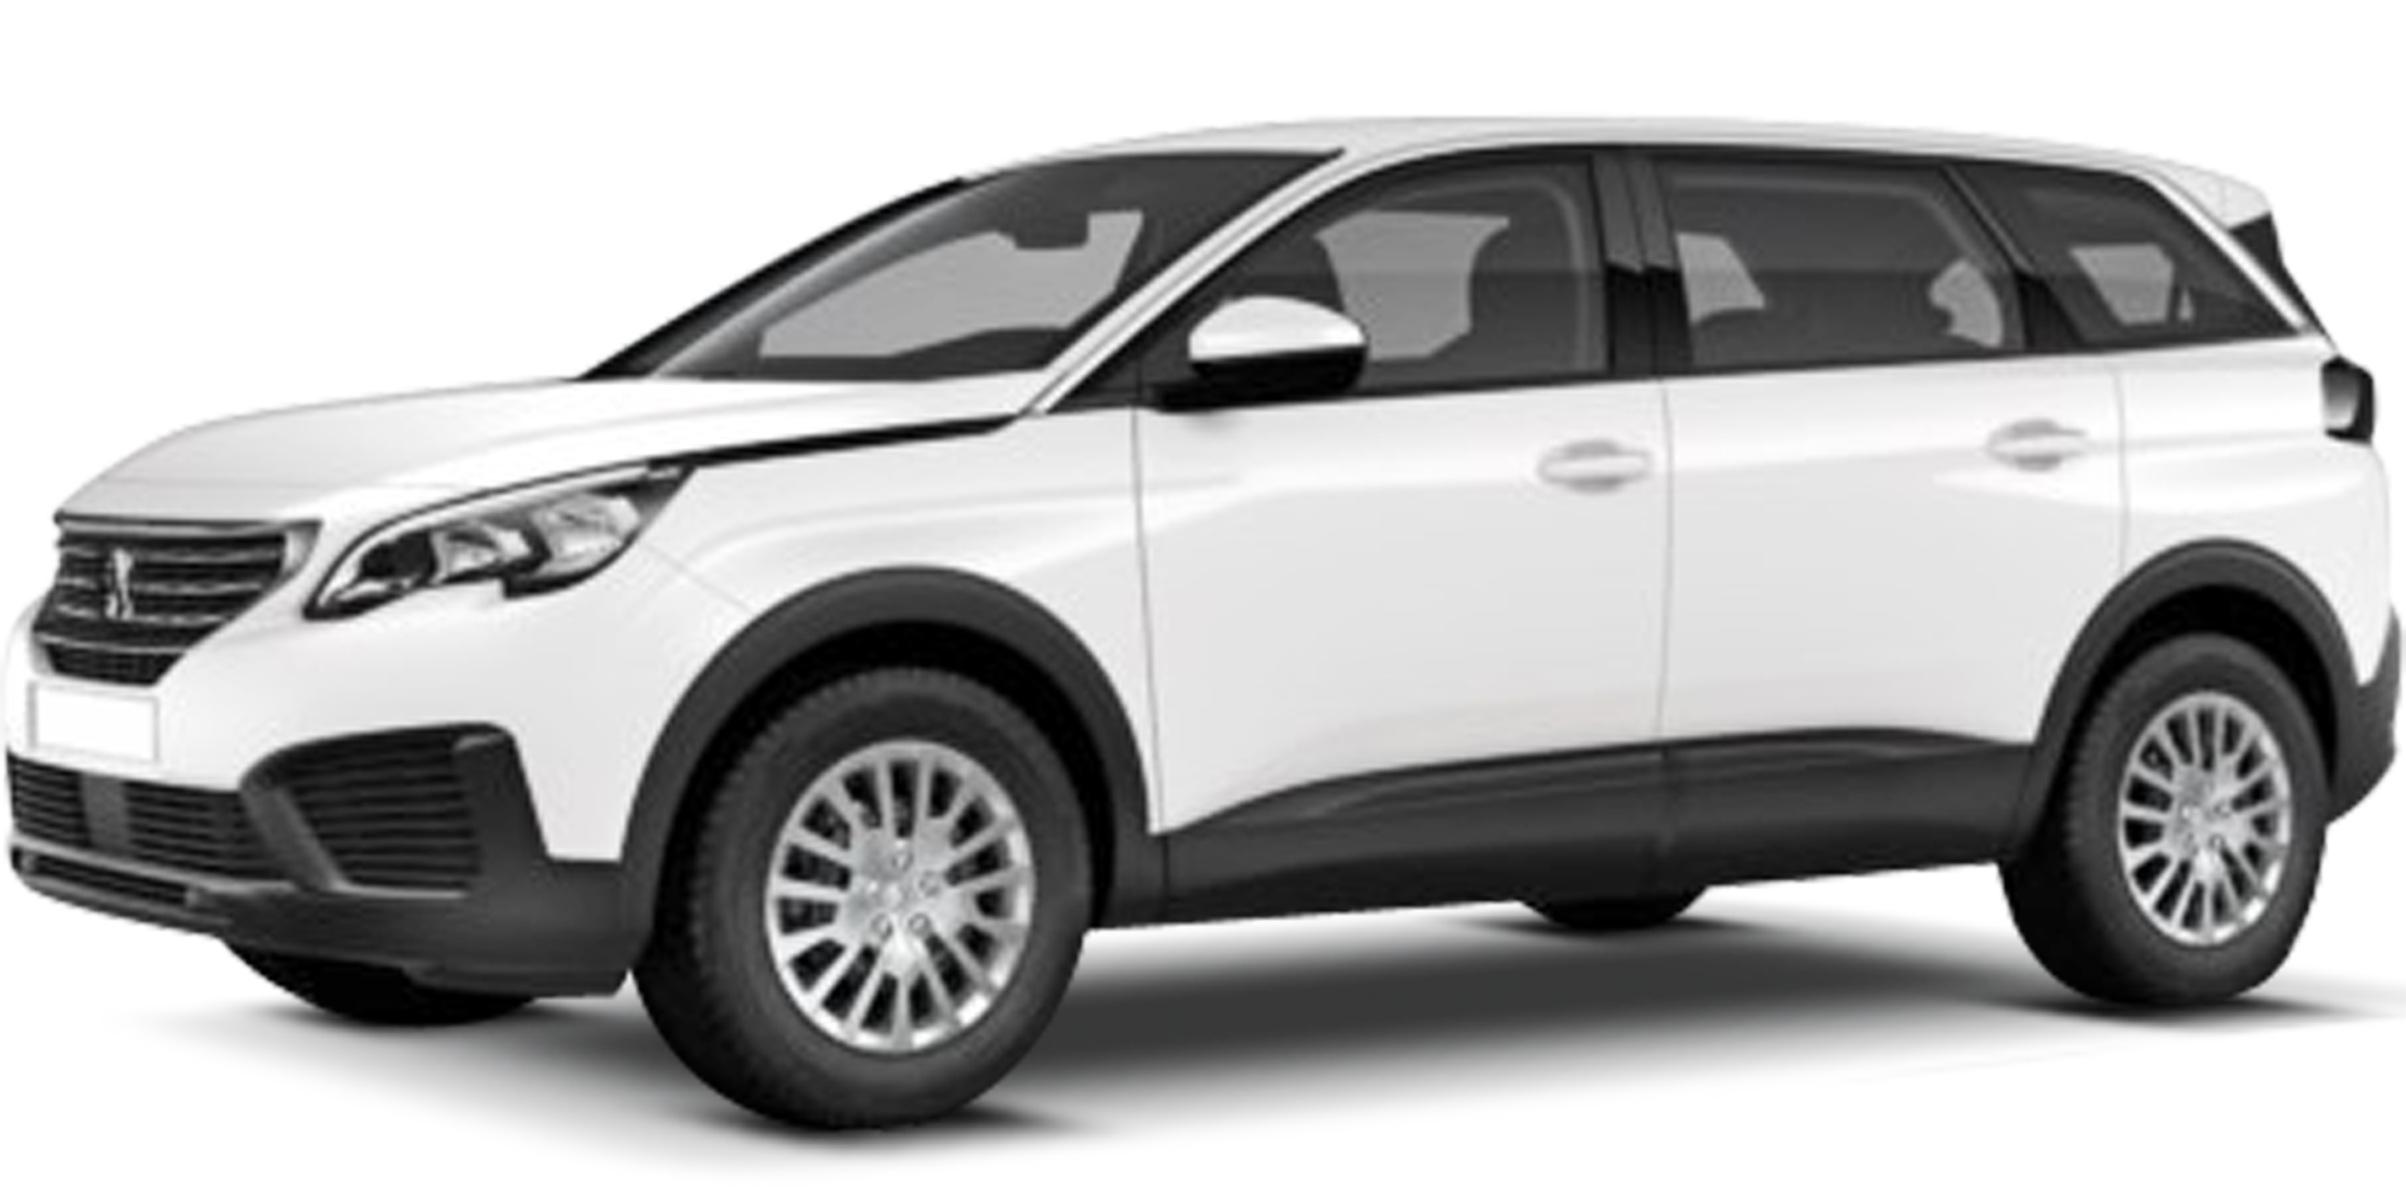 Peugeot 5008 Configuratore >> Listino Peugeot 3008 Prezzo Scheda Tecnica Consumi | Autos Post